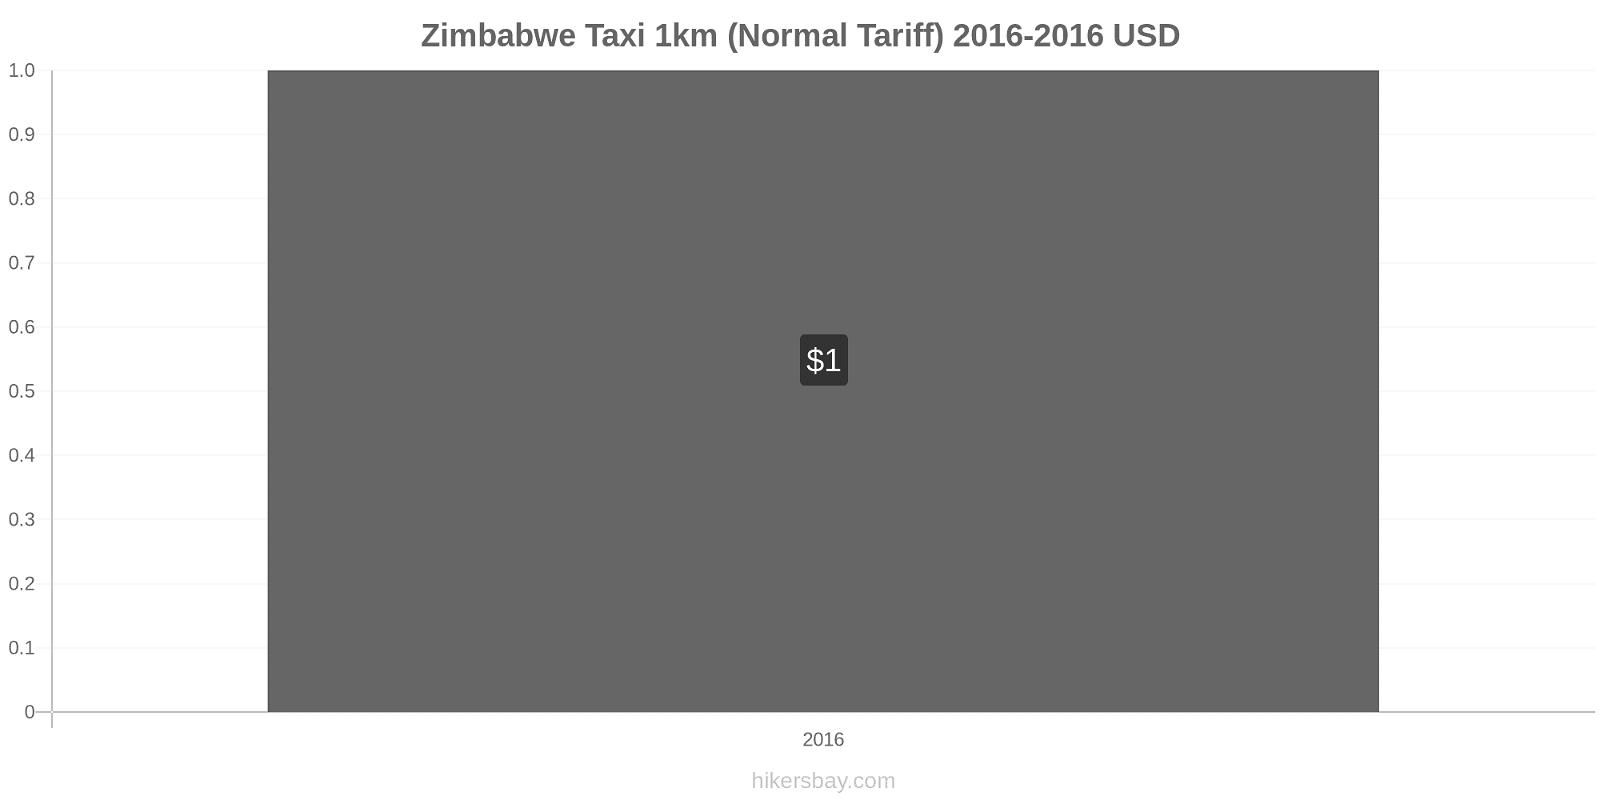 Zimbabwe price changes Taxi 1km (Normal Tariff) hikersbay.com